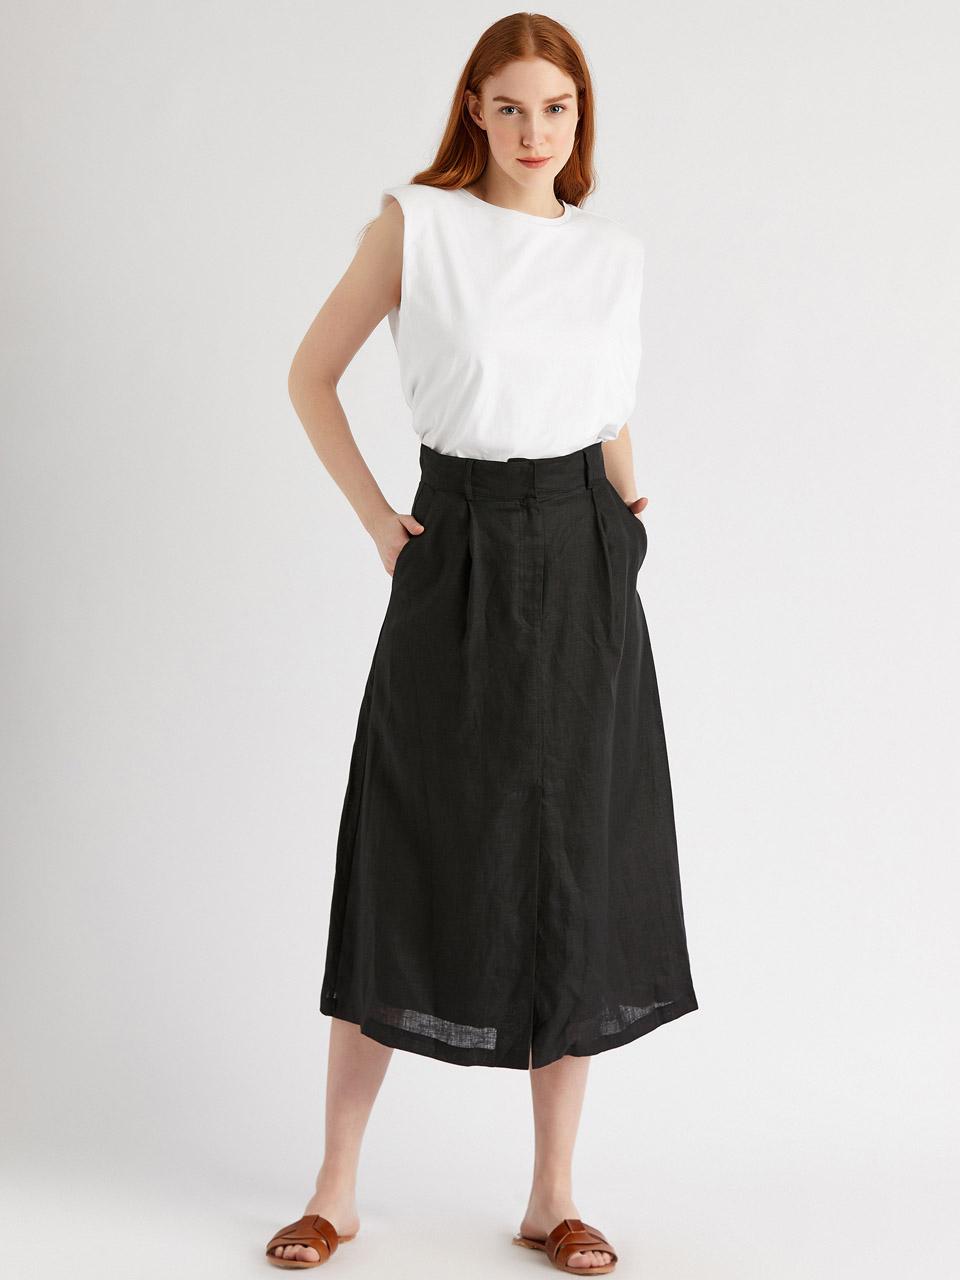 High Waist Linen Skirt